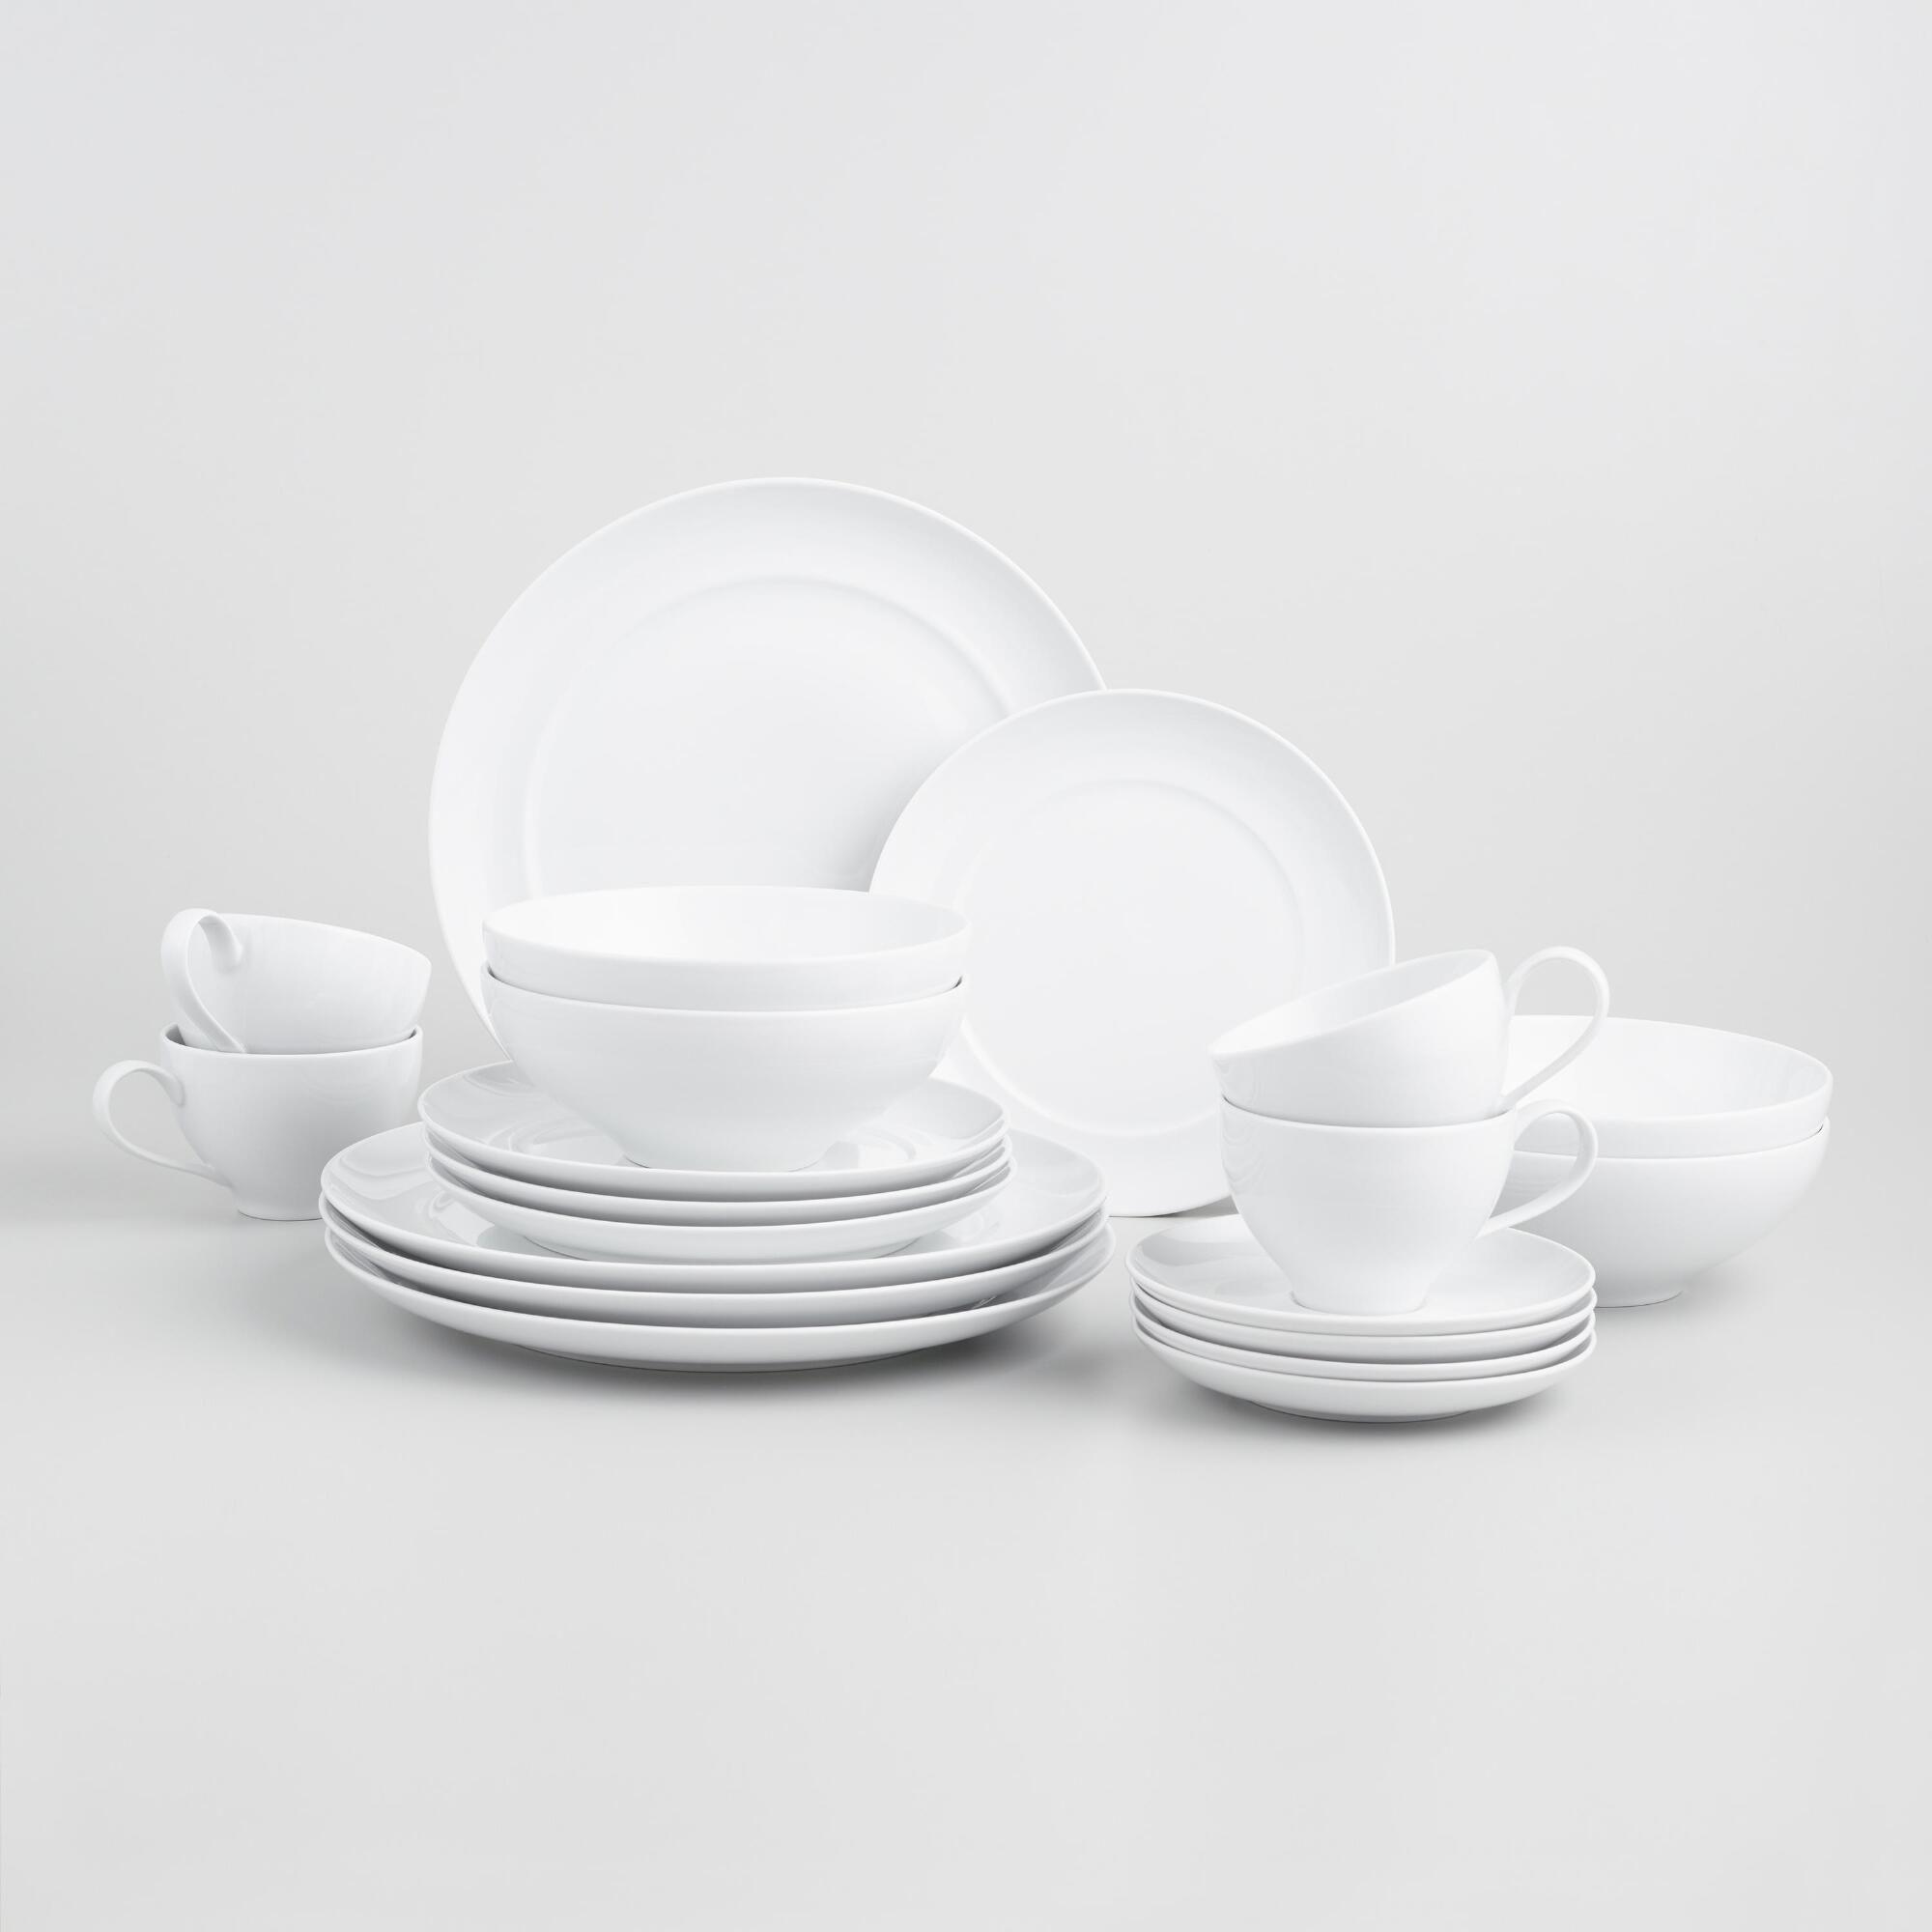 White Spin Dinnerware 16 Piece Set By World Market In 2020 Dinnerware Dinnerware Sets Affordable Home Decor